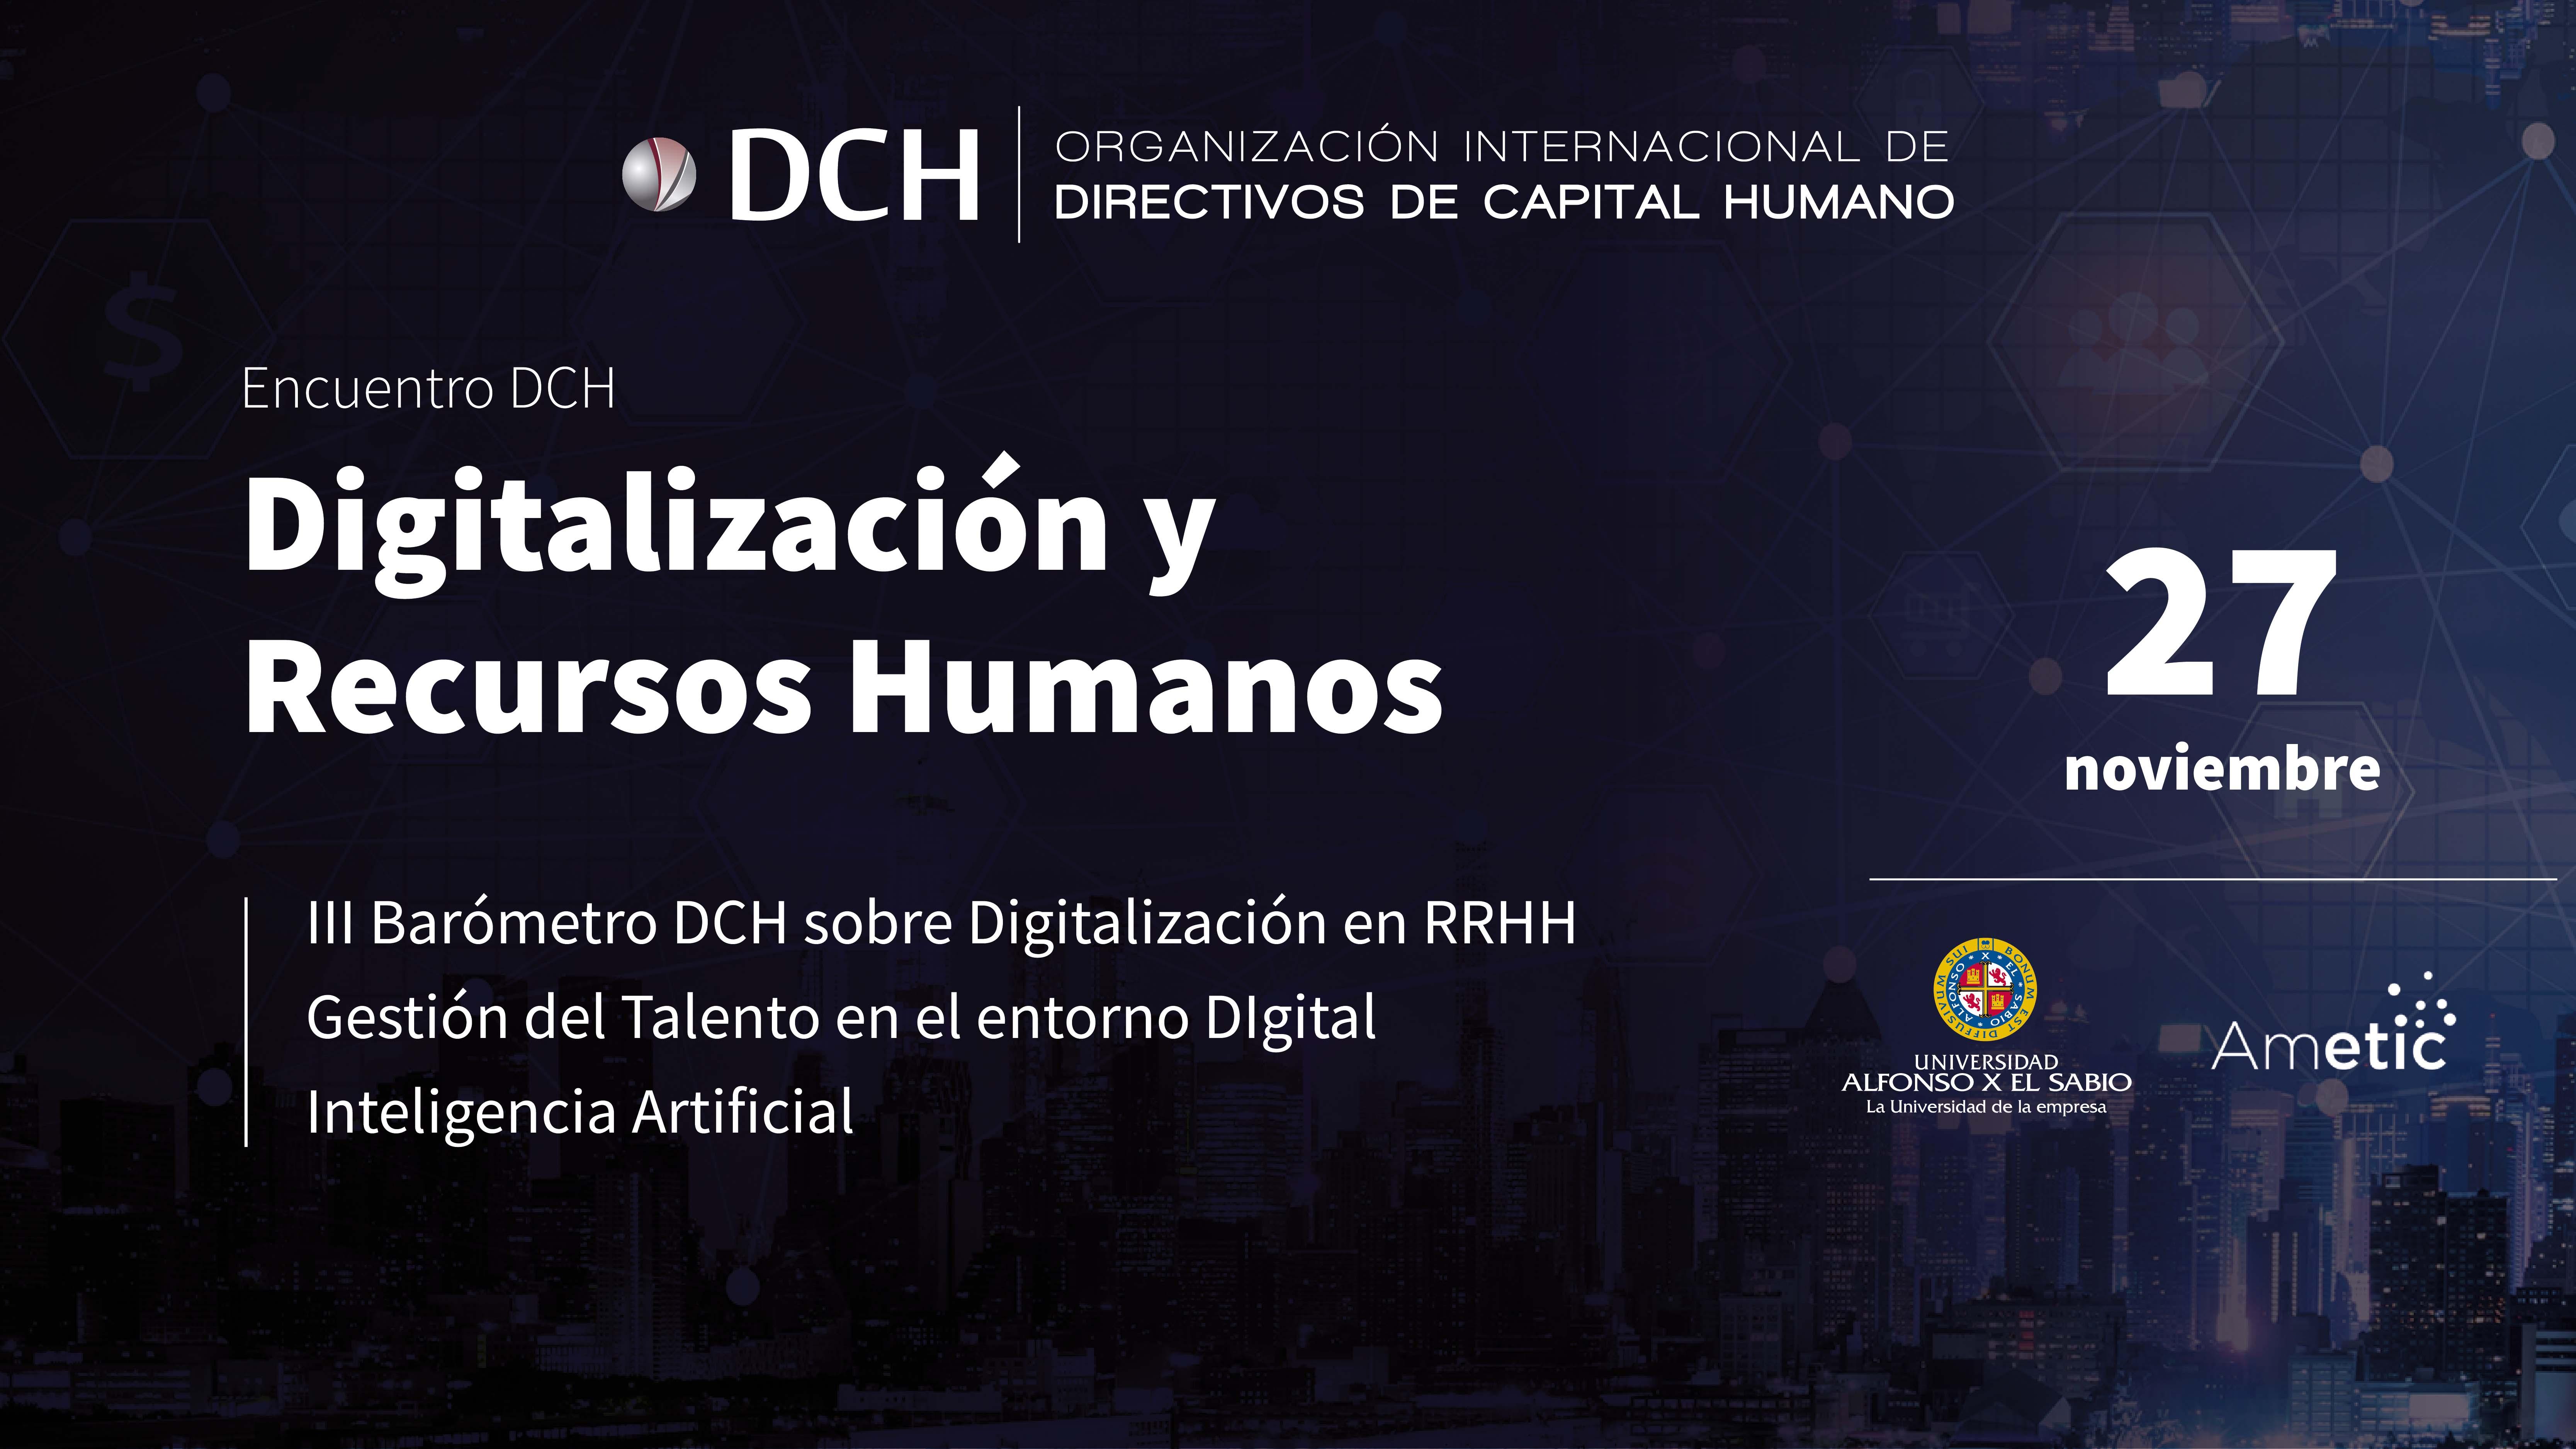 Digitalización FEED 13